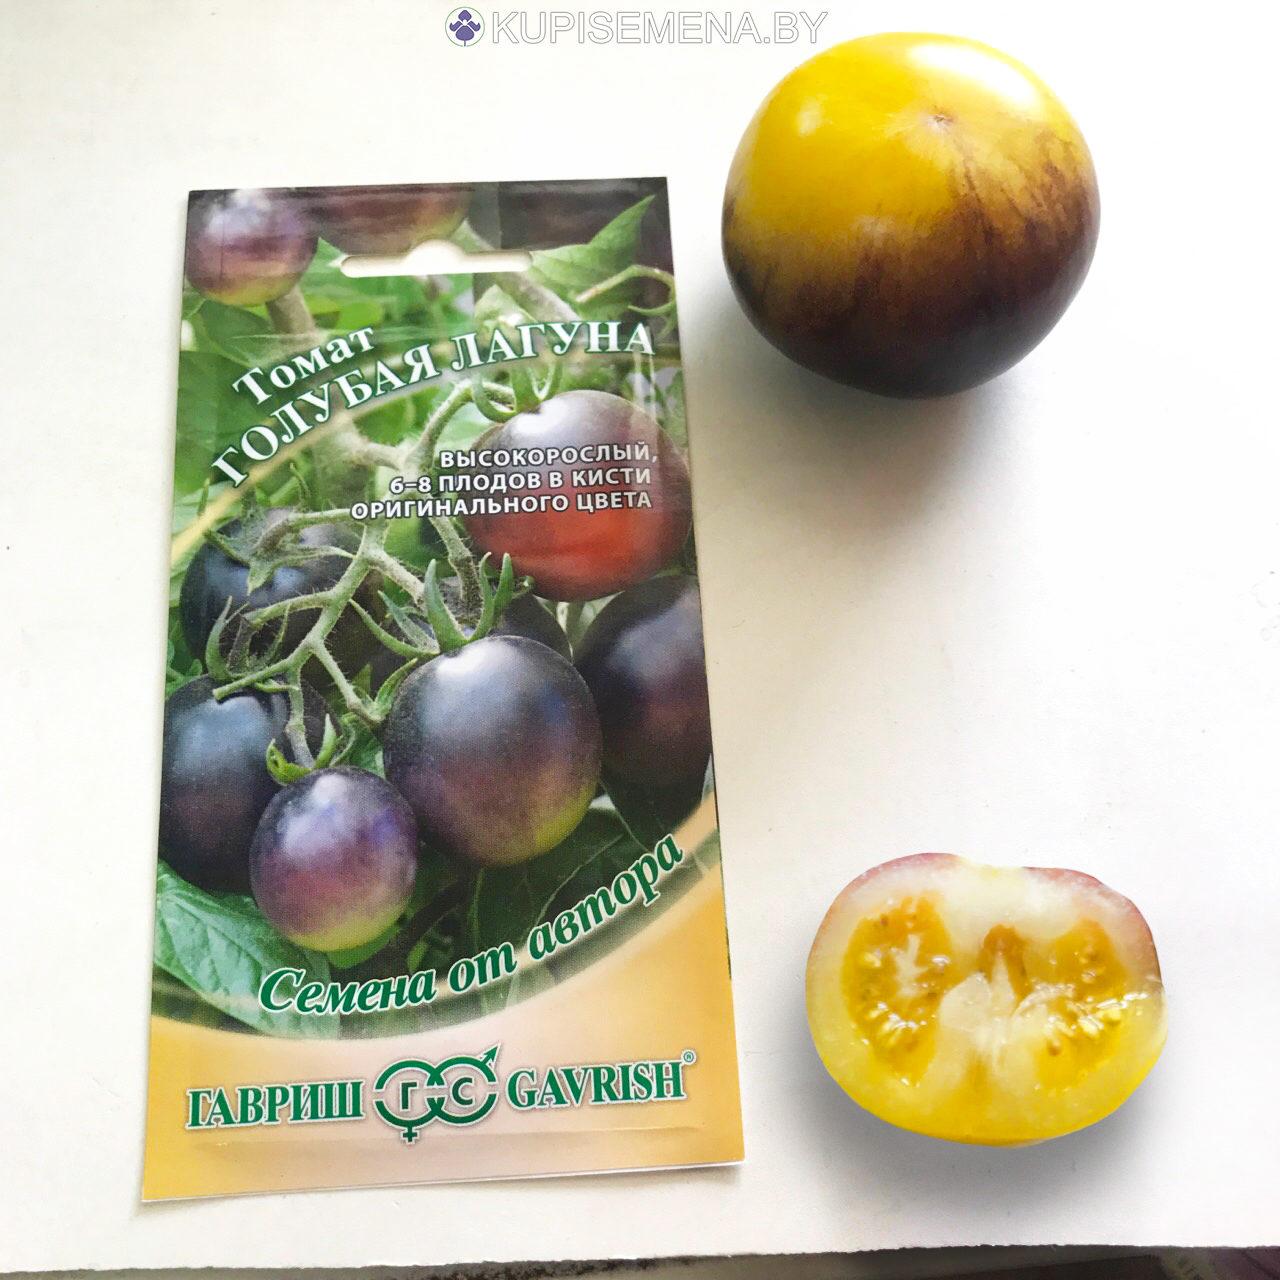 Помидоры ляна: описание и характеристика, фото